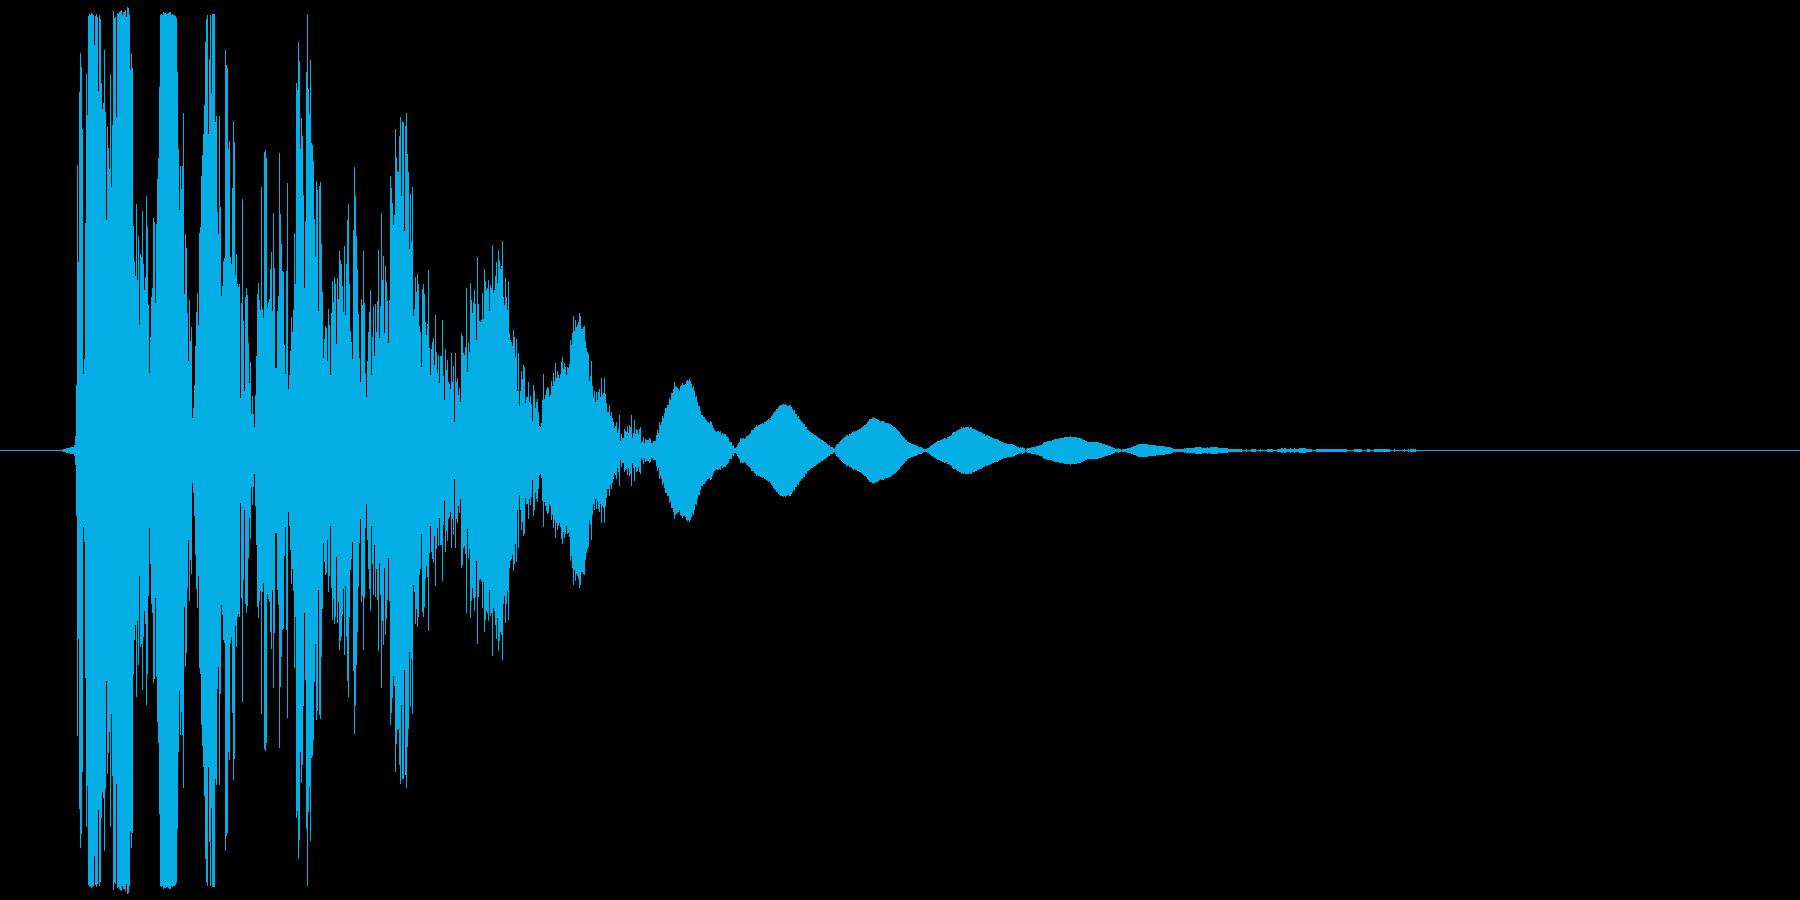 オーソドックスなパンチやキック向け打撃音の再生済みの波形